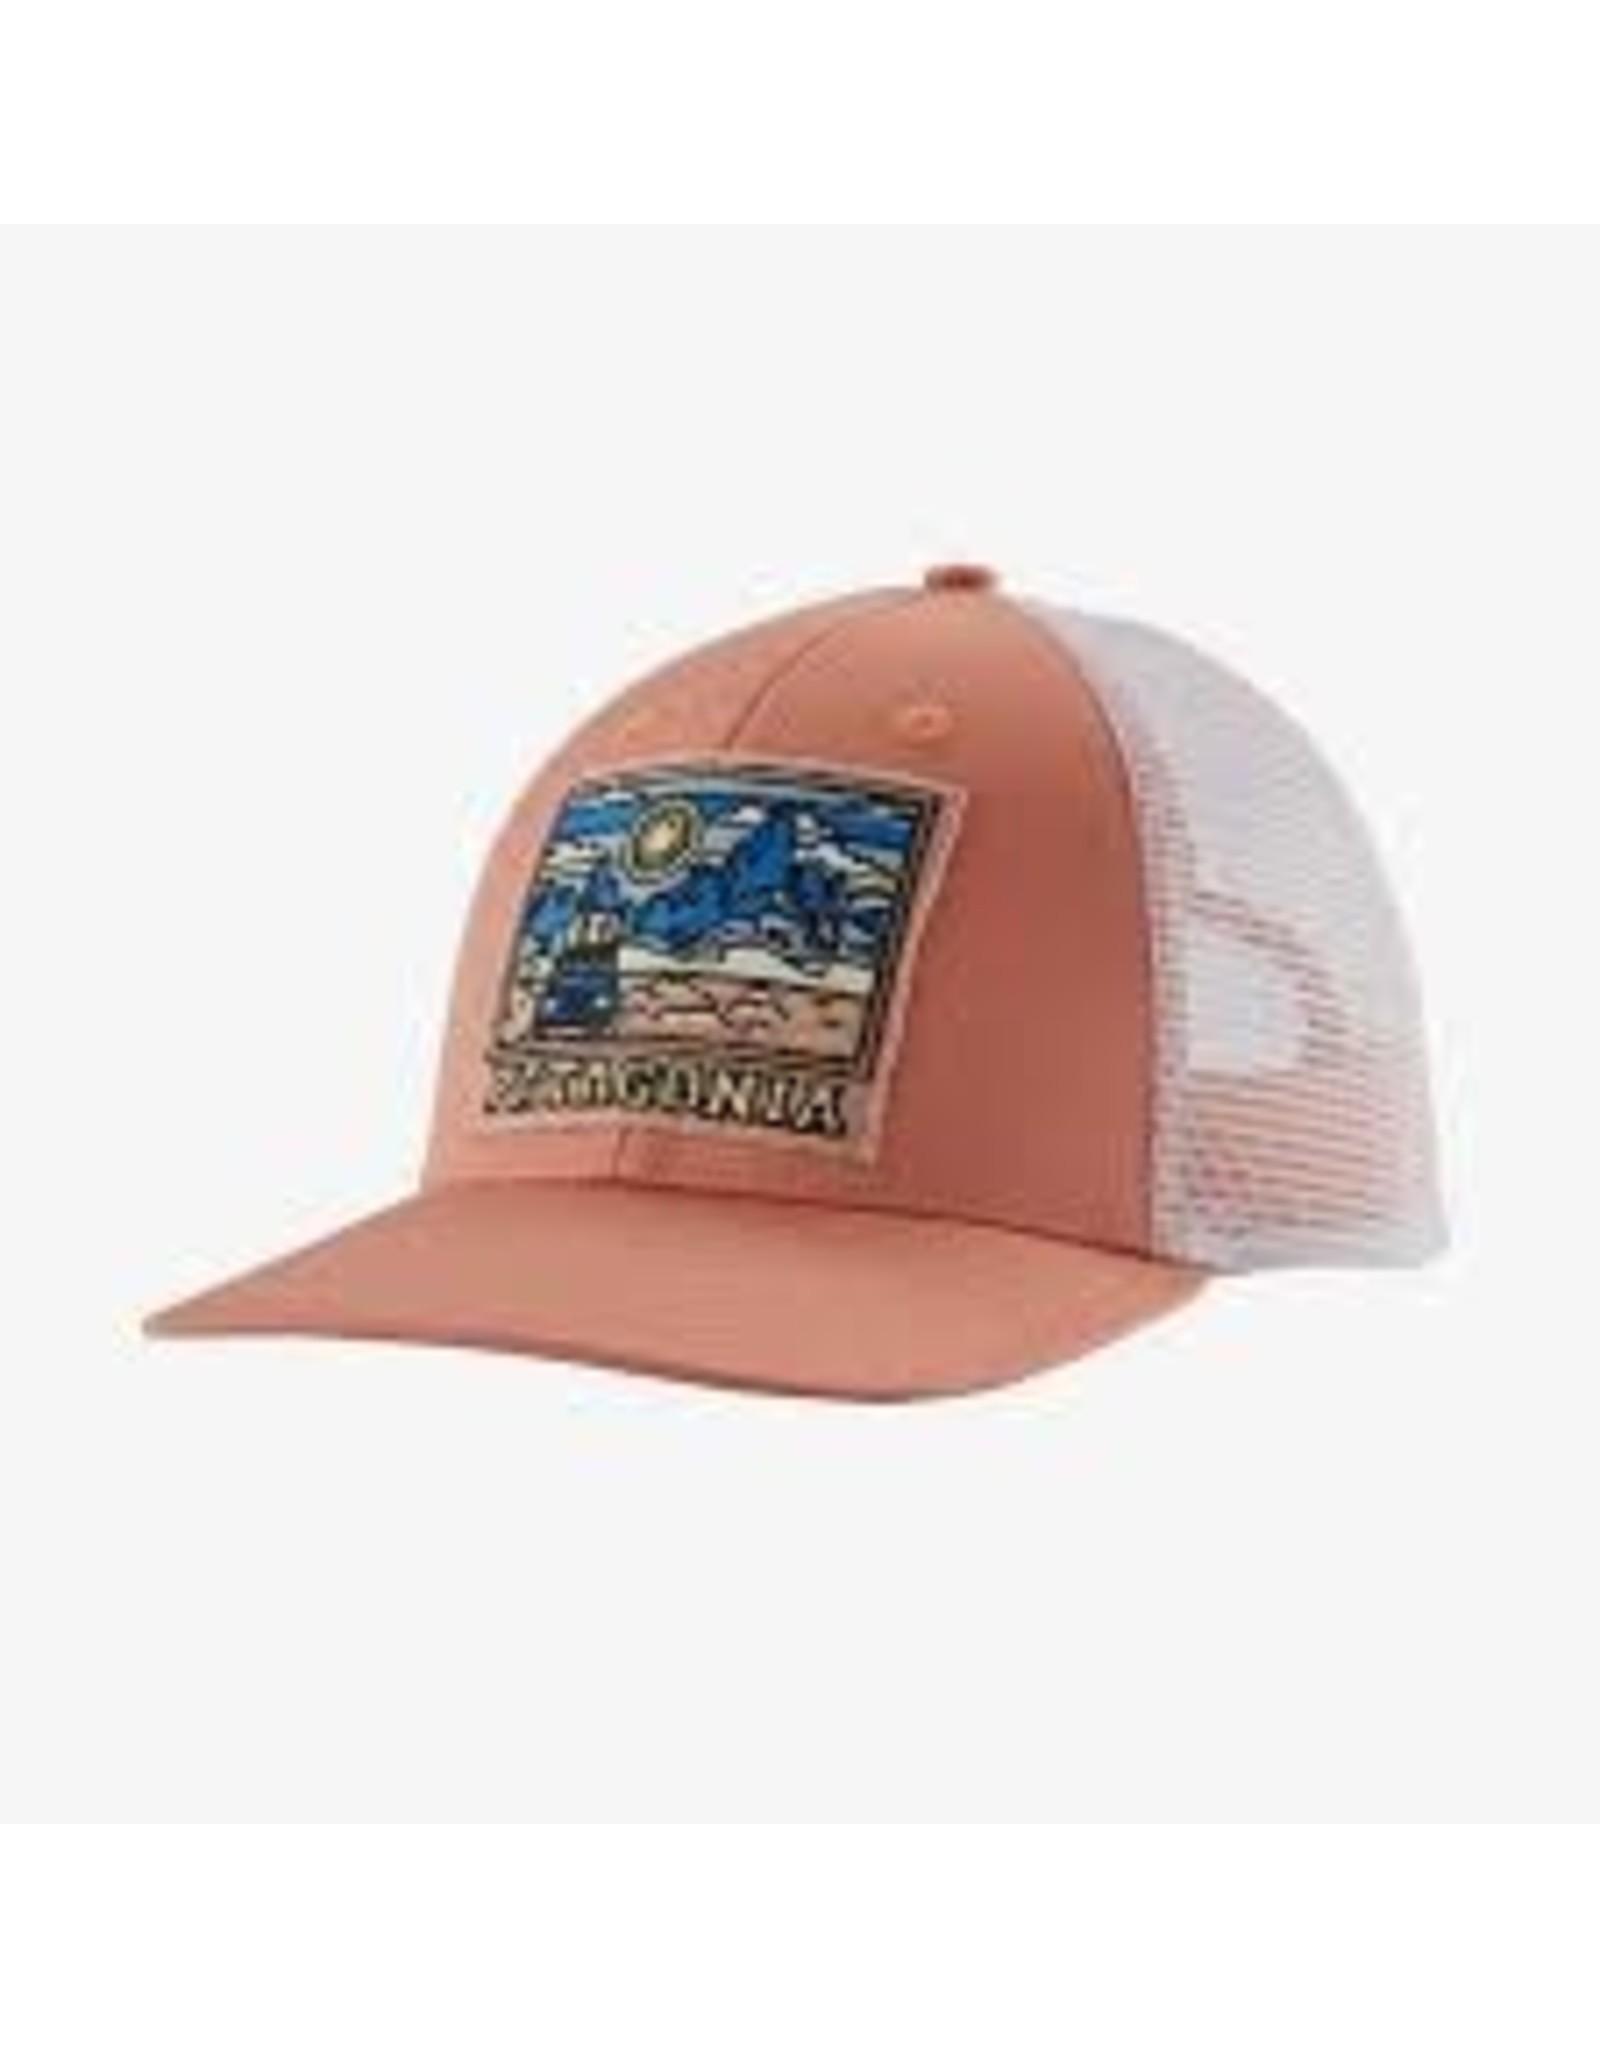 Patagonia Patagonia Summit Road LoPro Trucker Hat